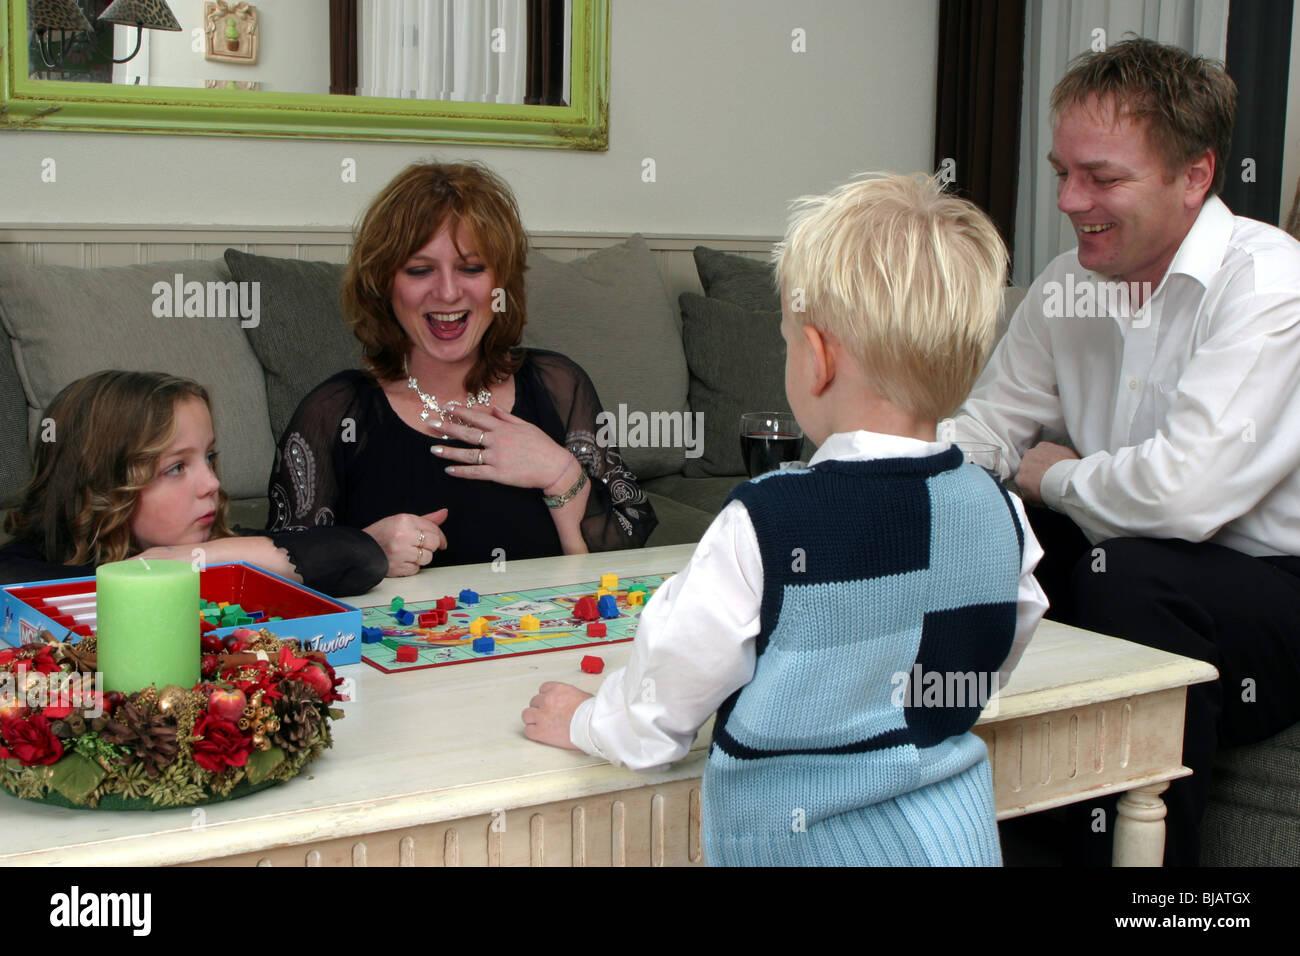 Familia Jugando Juego De Navidad Juegos Foto Imagen De Stock